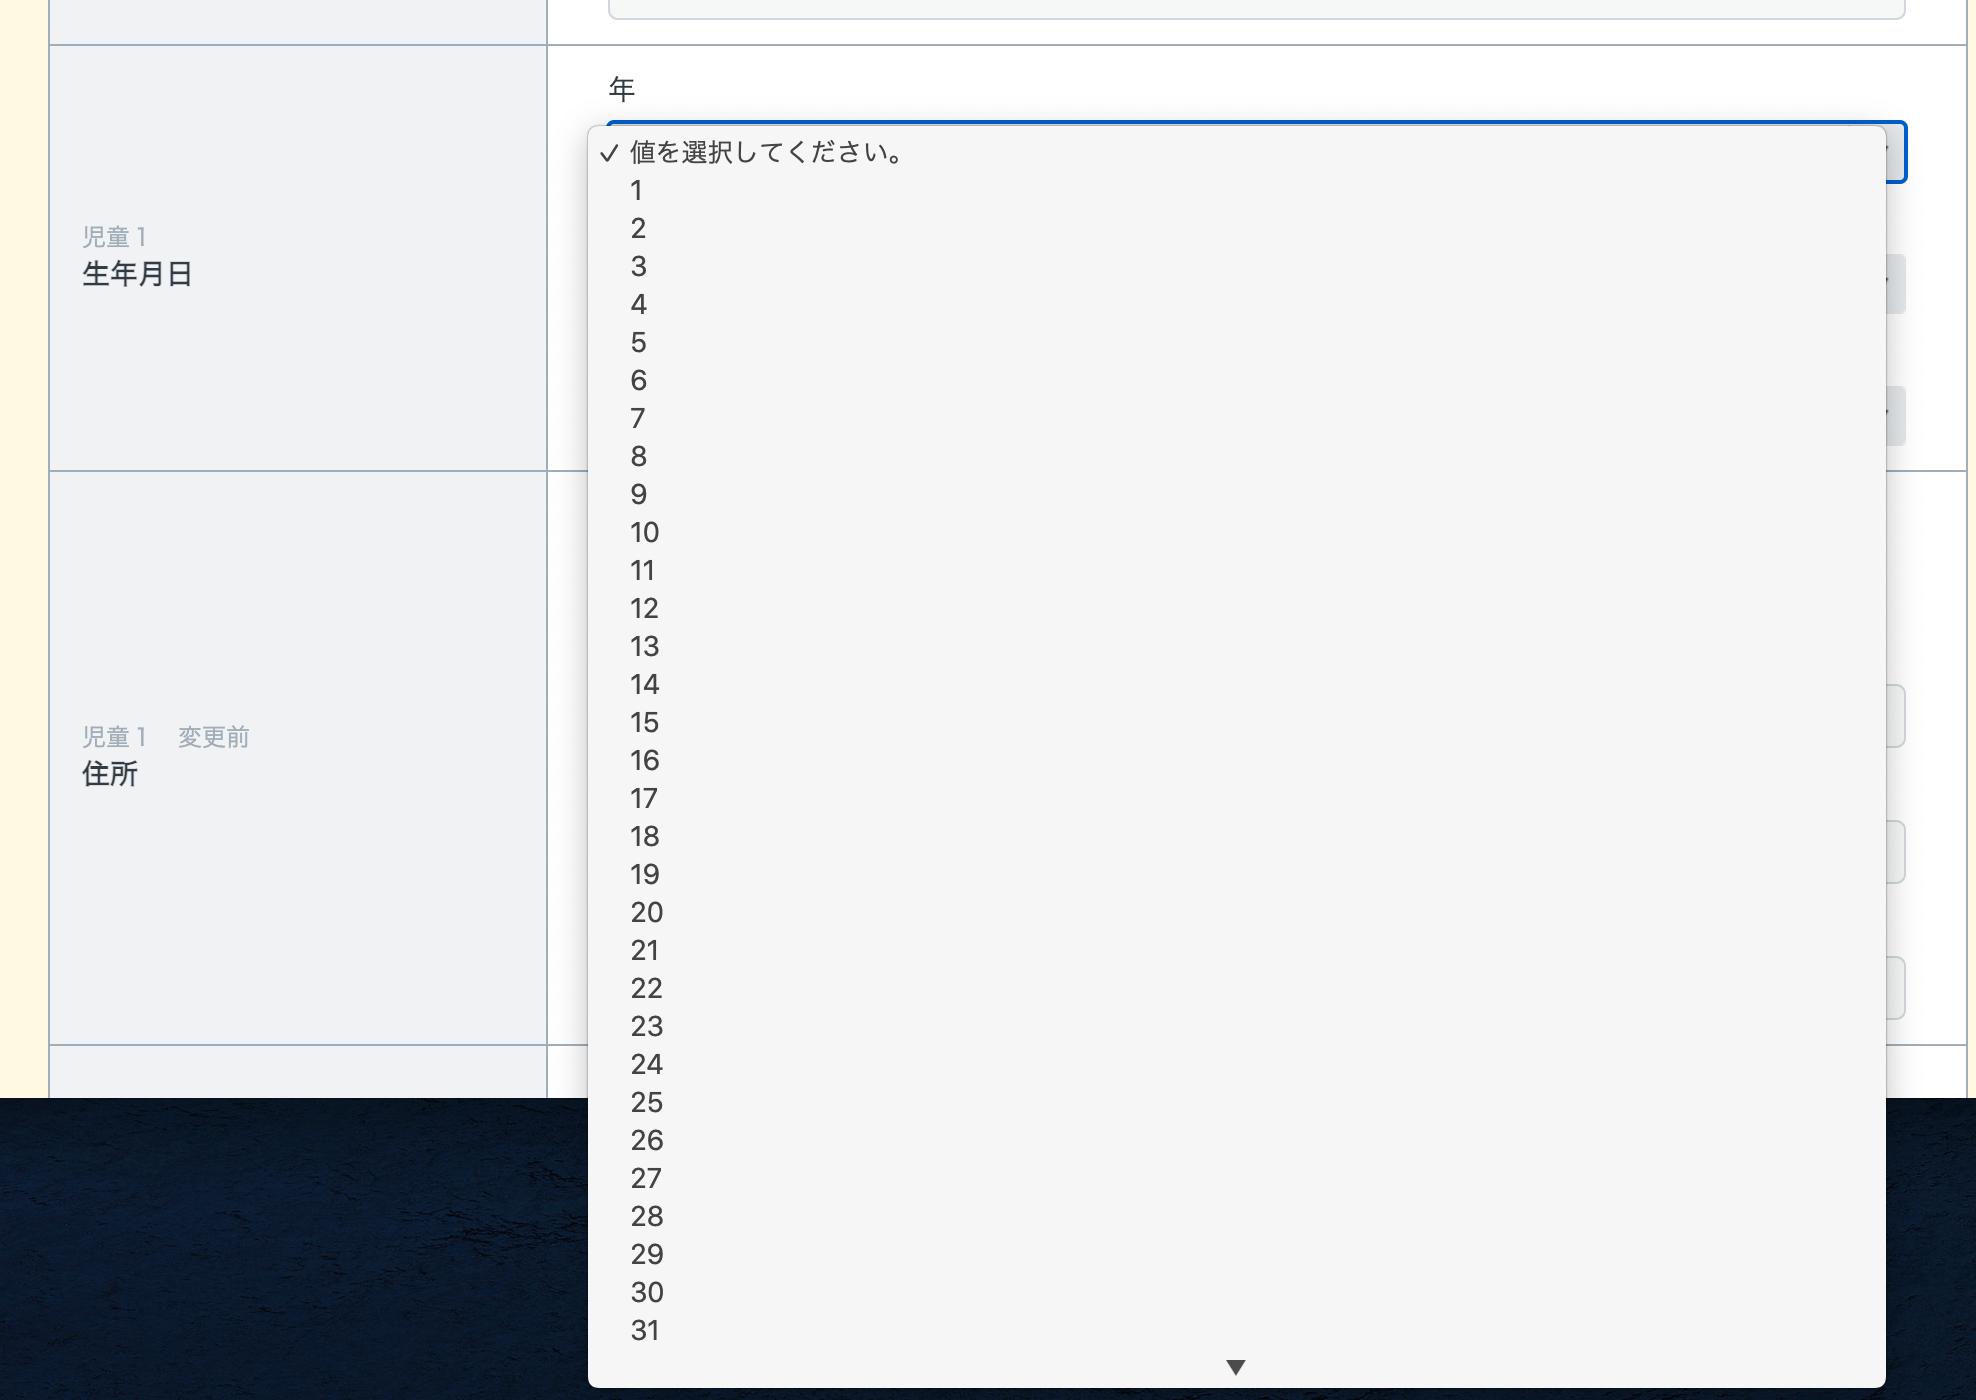 image.png (628.0 kB)